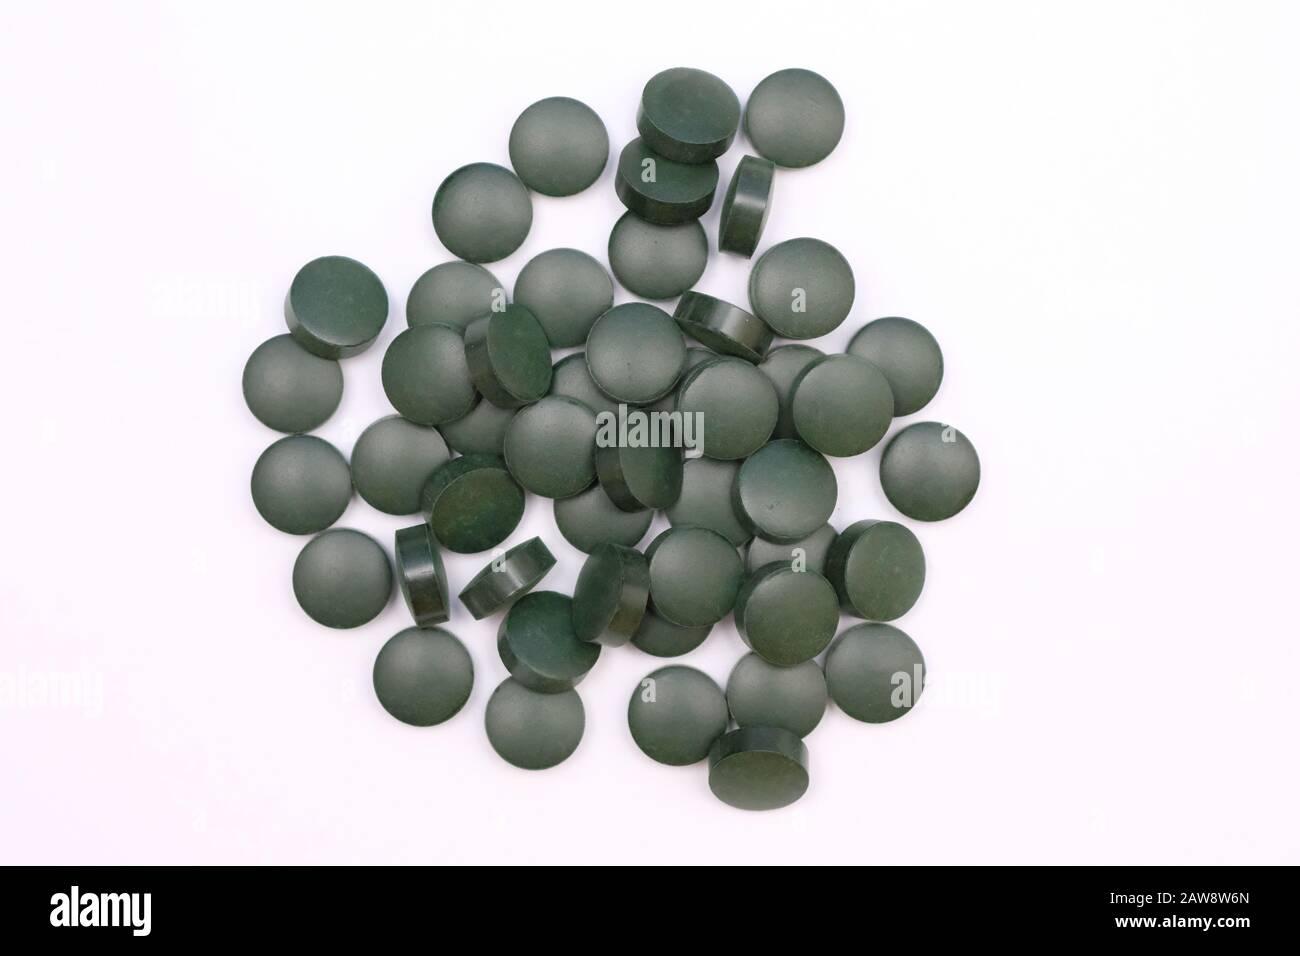 Pilules rondes vertes vue de dessus sur un fond blanc. Comprimés de spiruline, suppléments alimentaires utiles. Banque D'Images